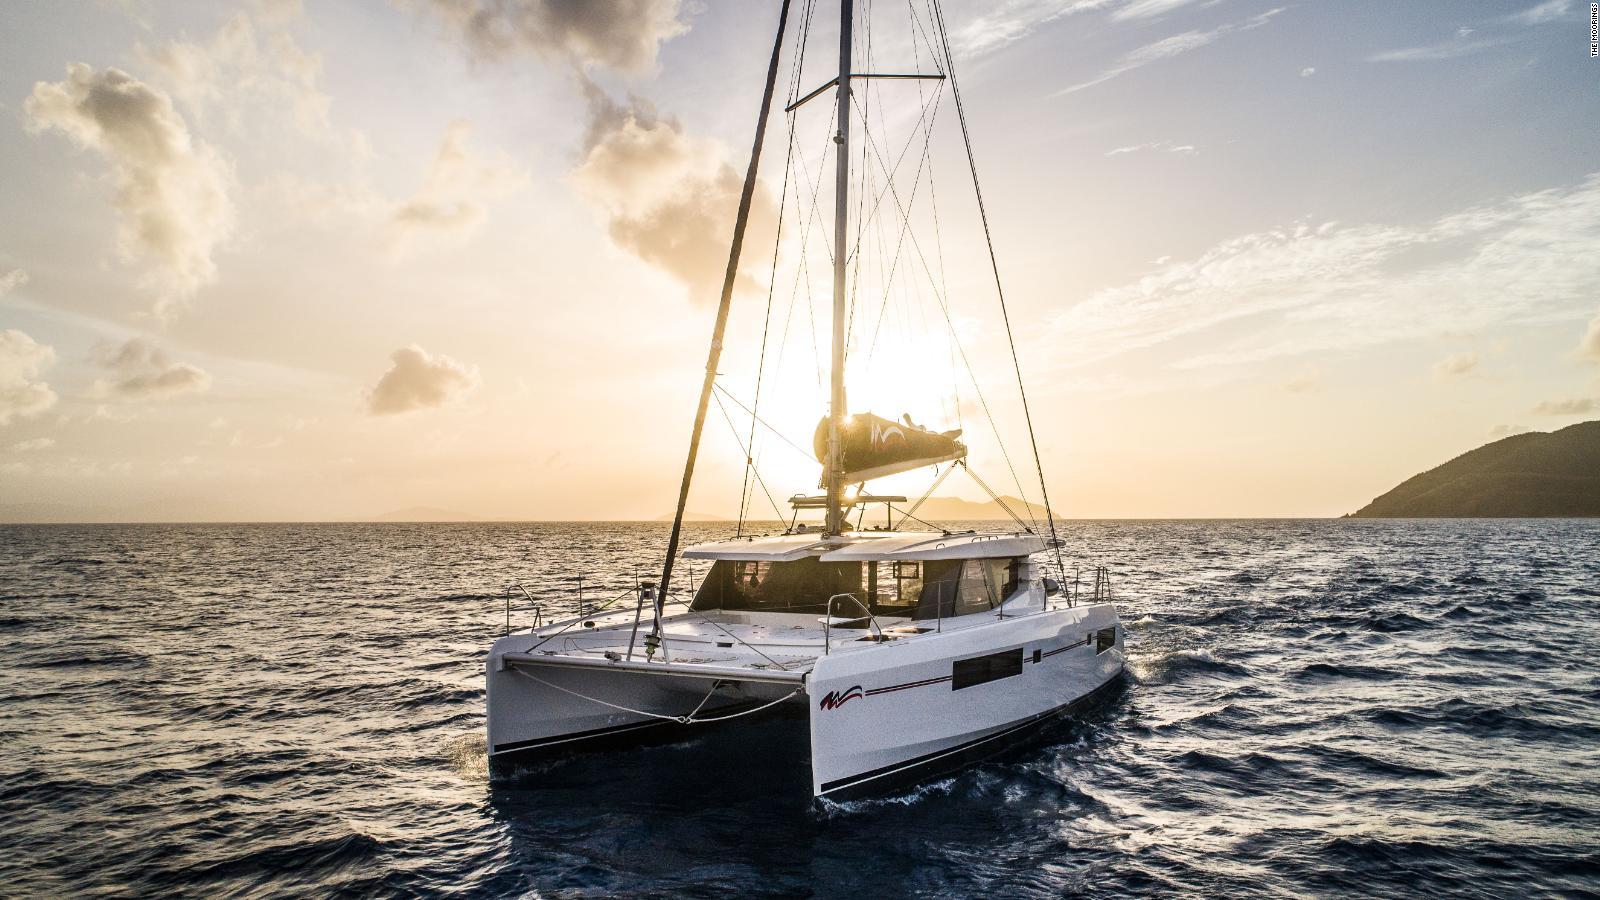 Best sailing destinations around the world | CNN Travel